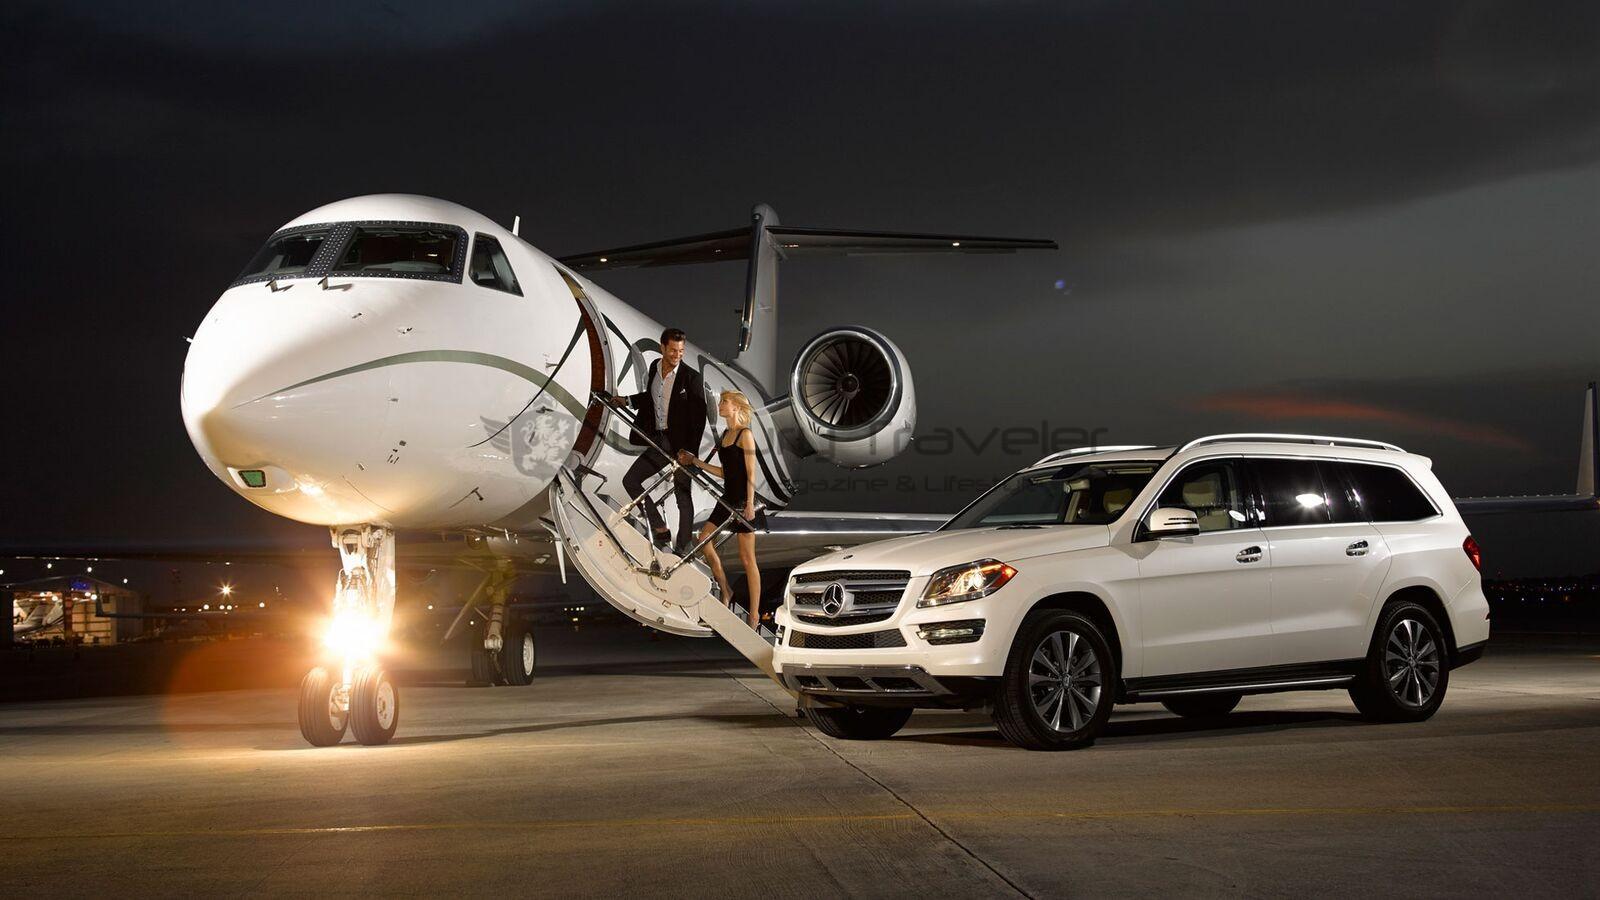 private-jet-rental